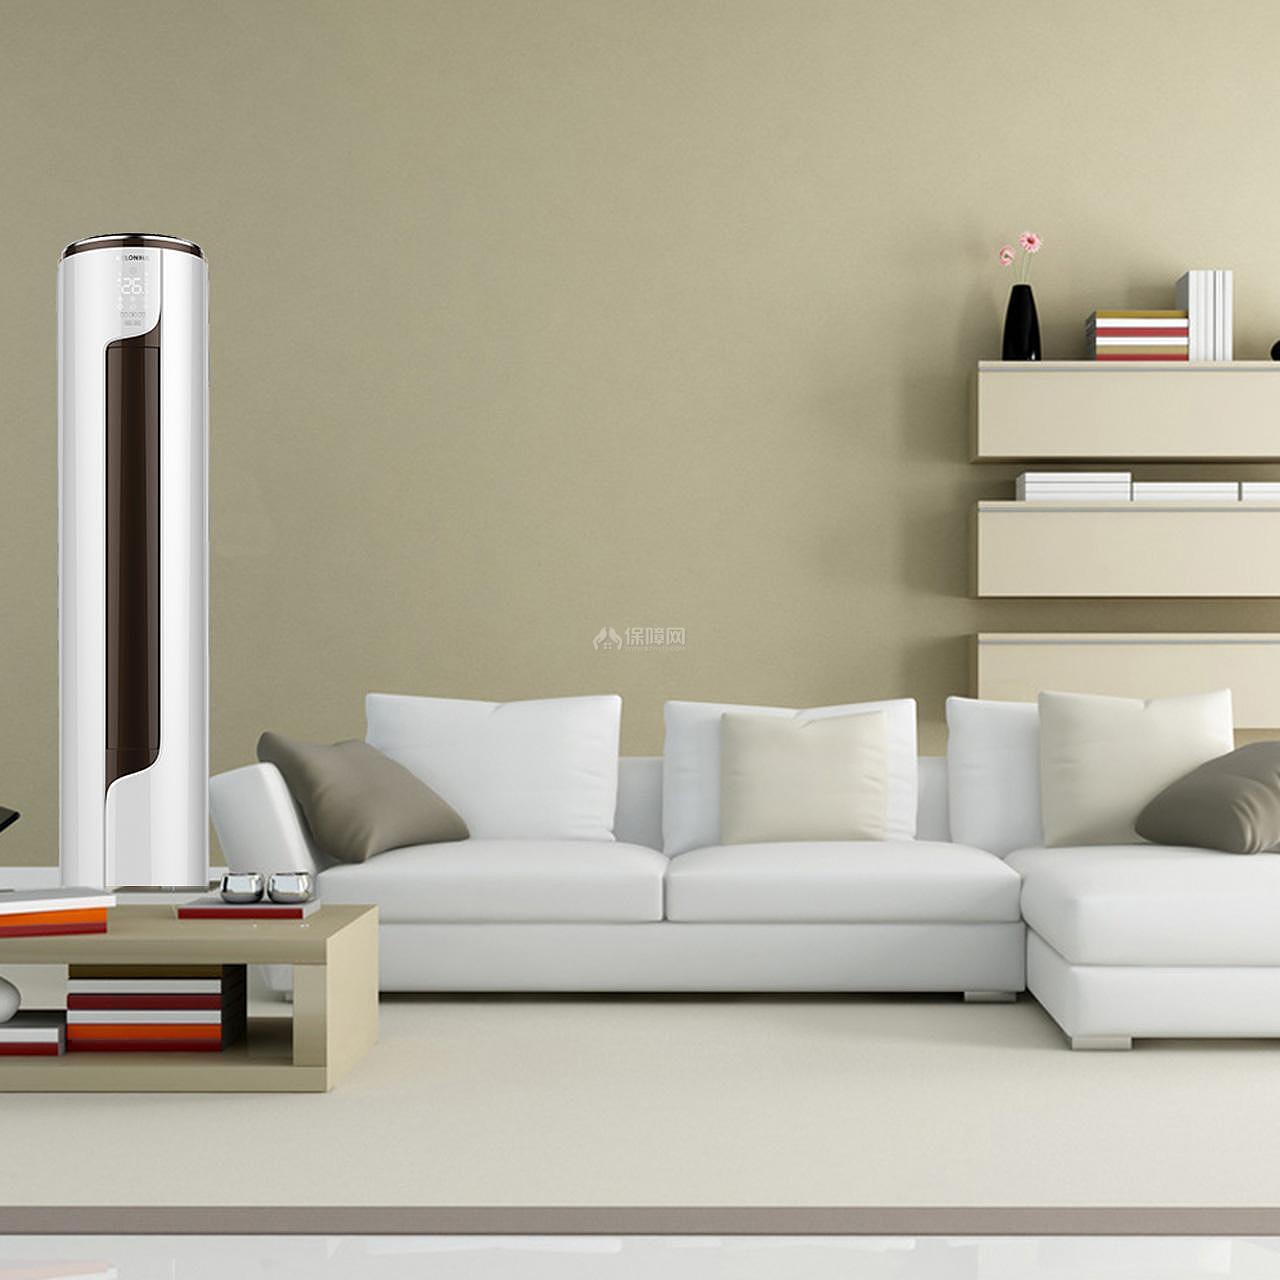 柜机空调在客厅的摆放位置风水